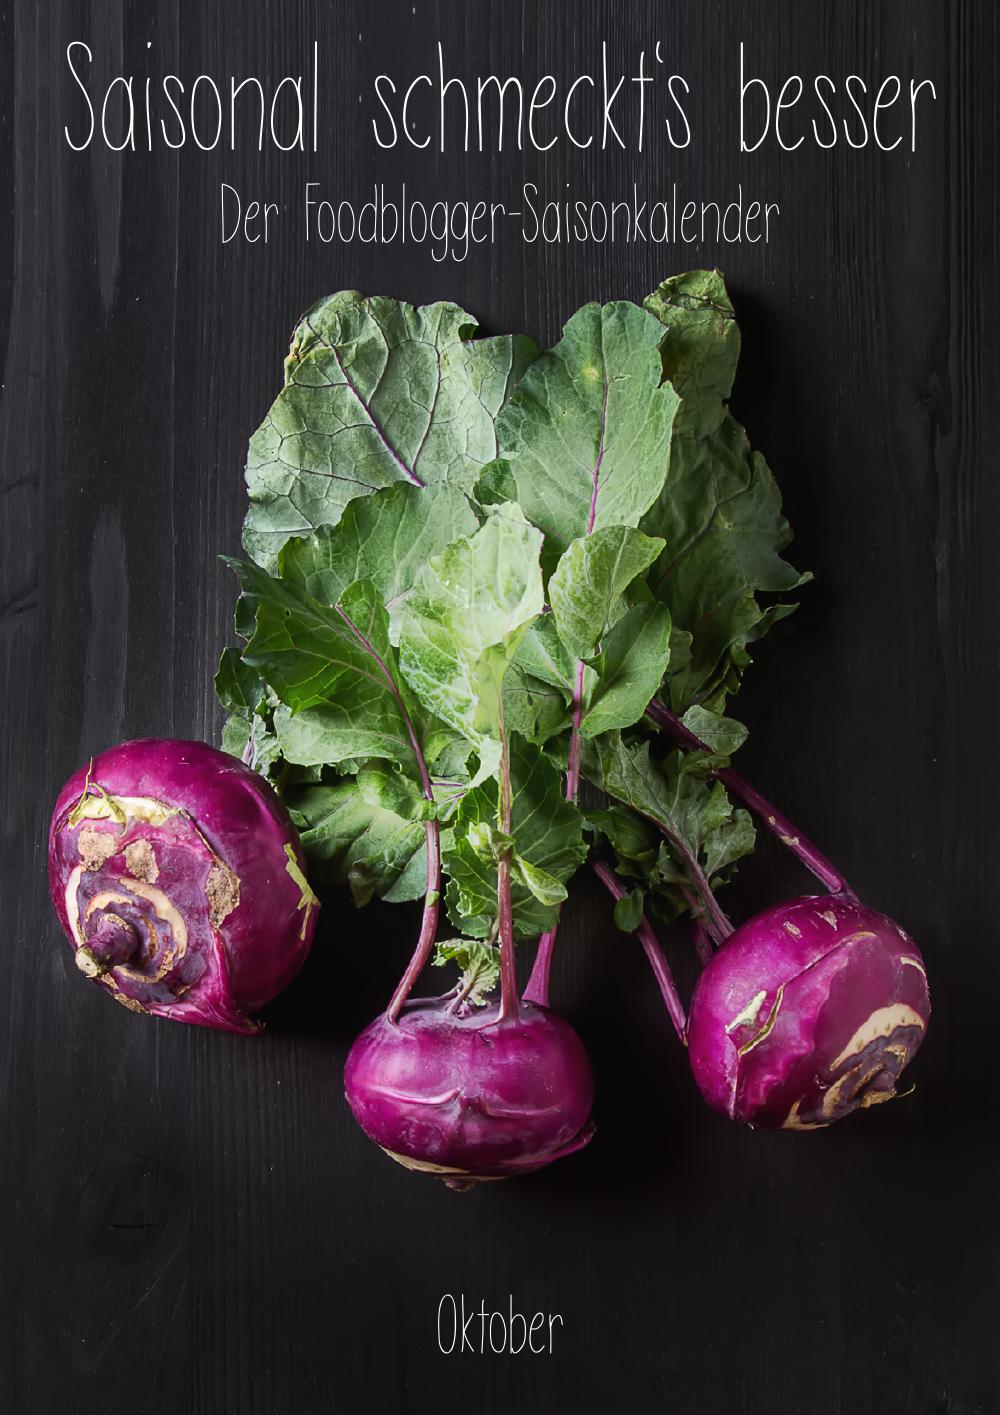 Saisonal-schmeckts-besser-oktober